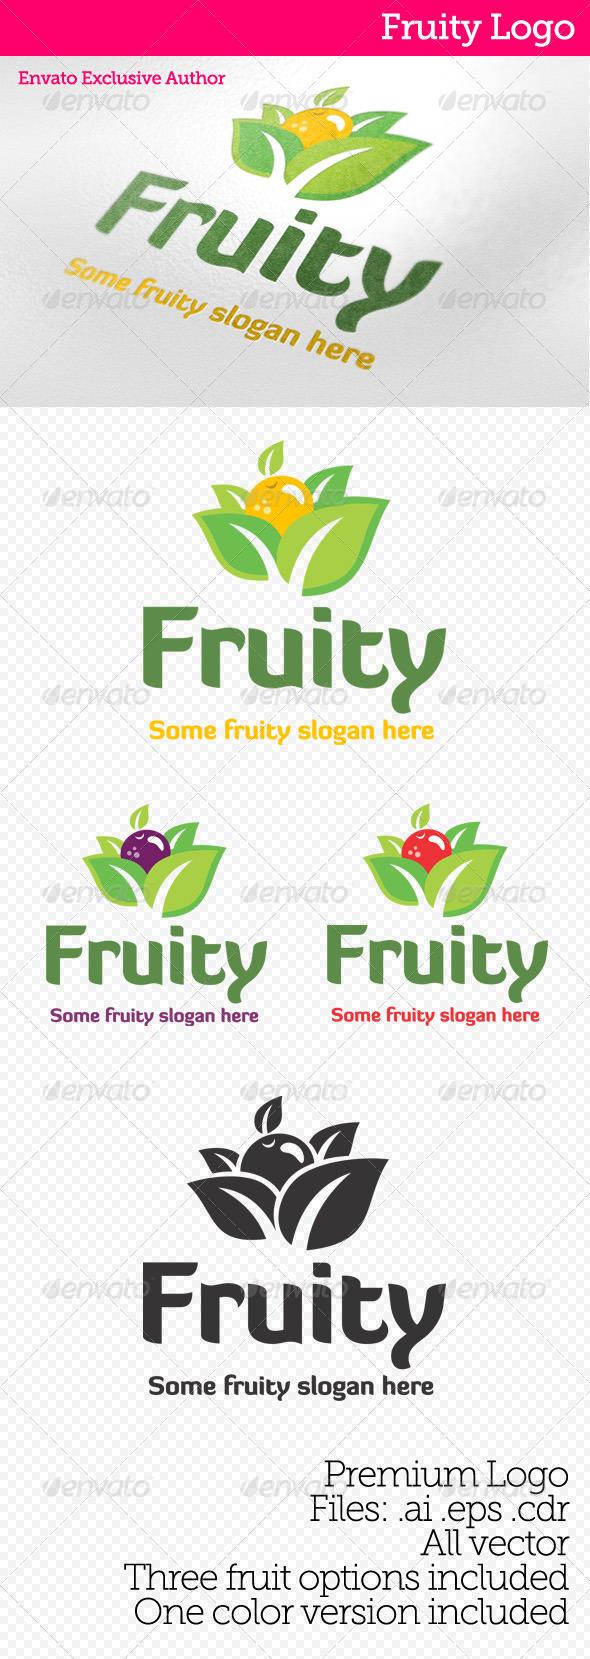 GraphicRiver Fruity Logo 3583772